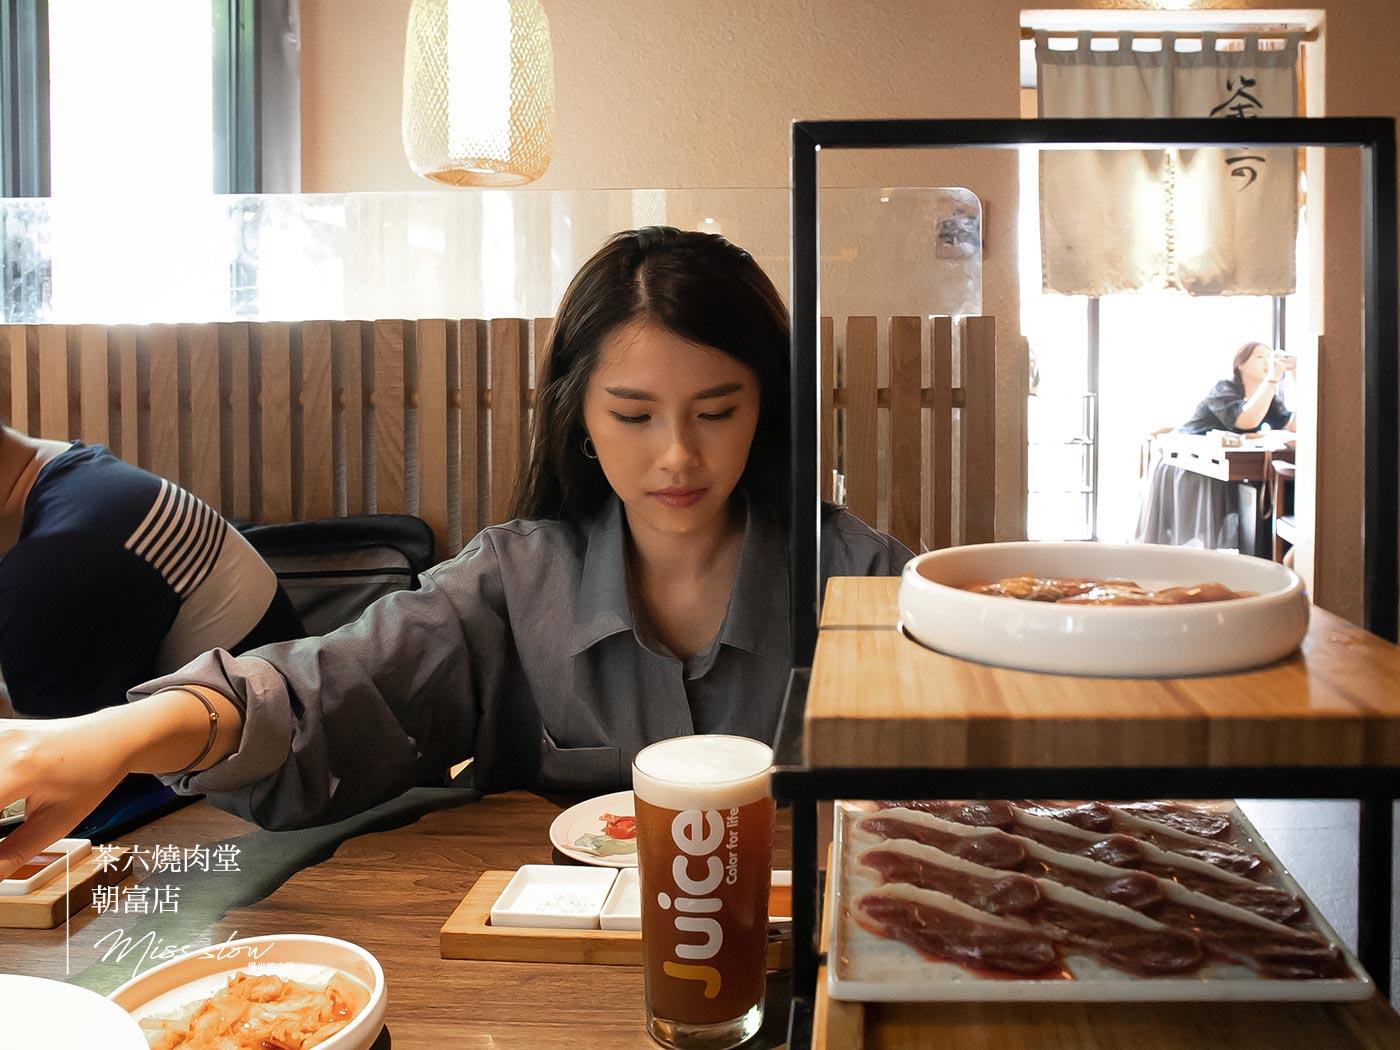 茶六朝富店 烤肉